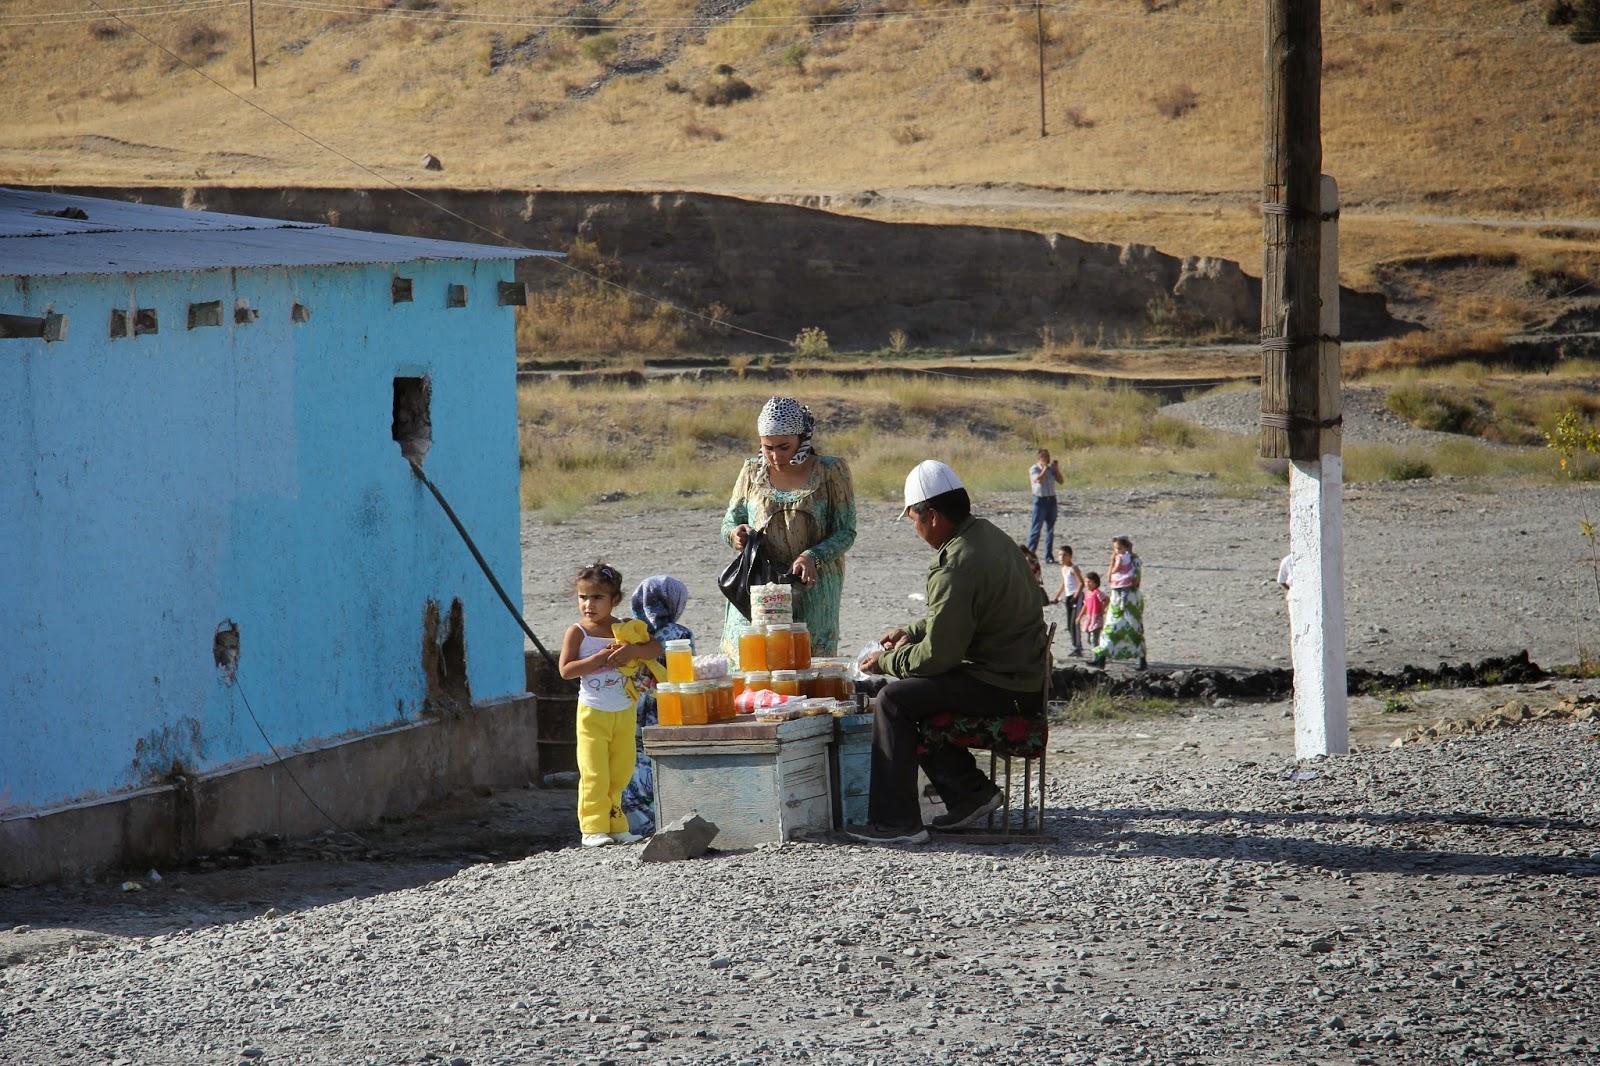 Tadjikistan, Khodjent, M34, © L. Gigout, 2012